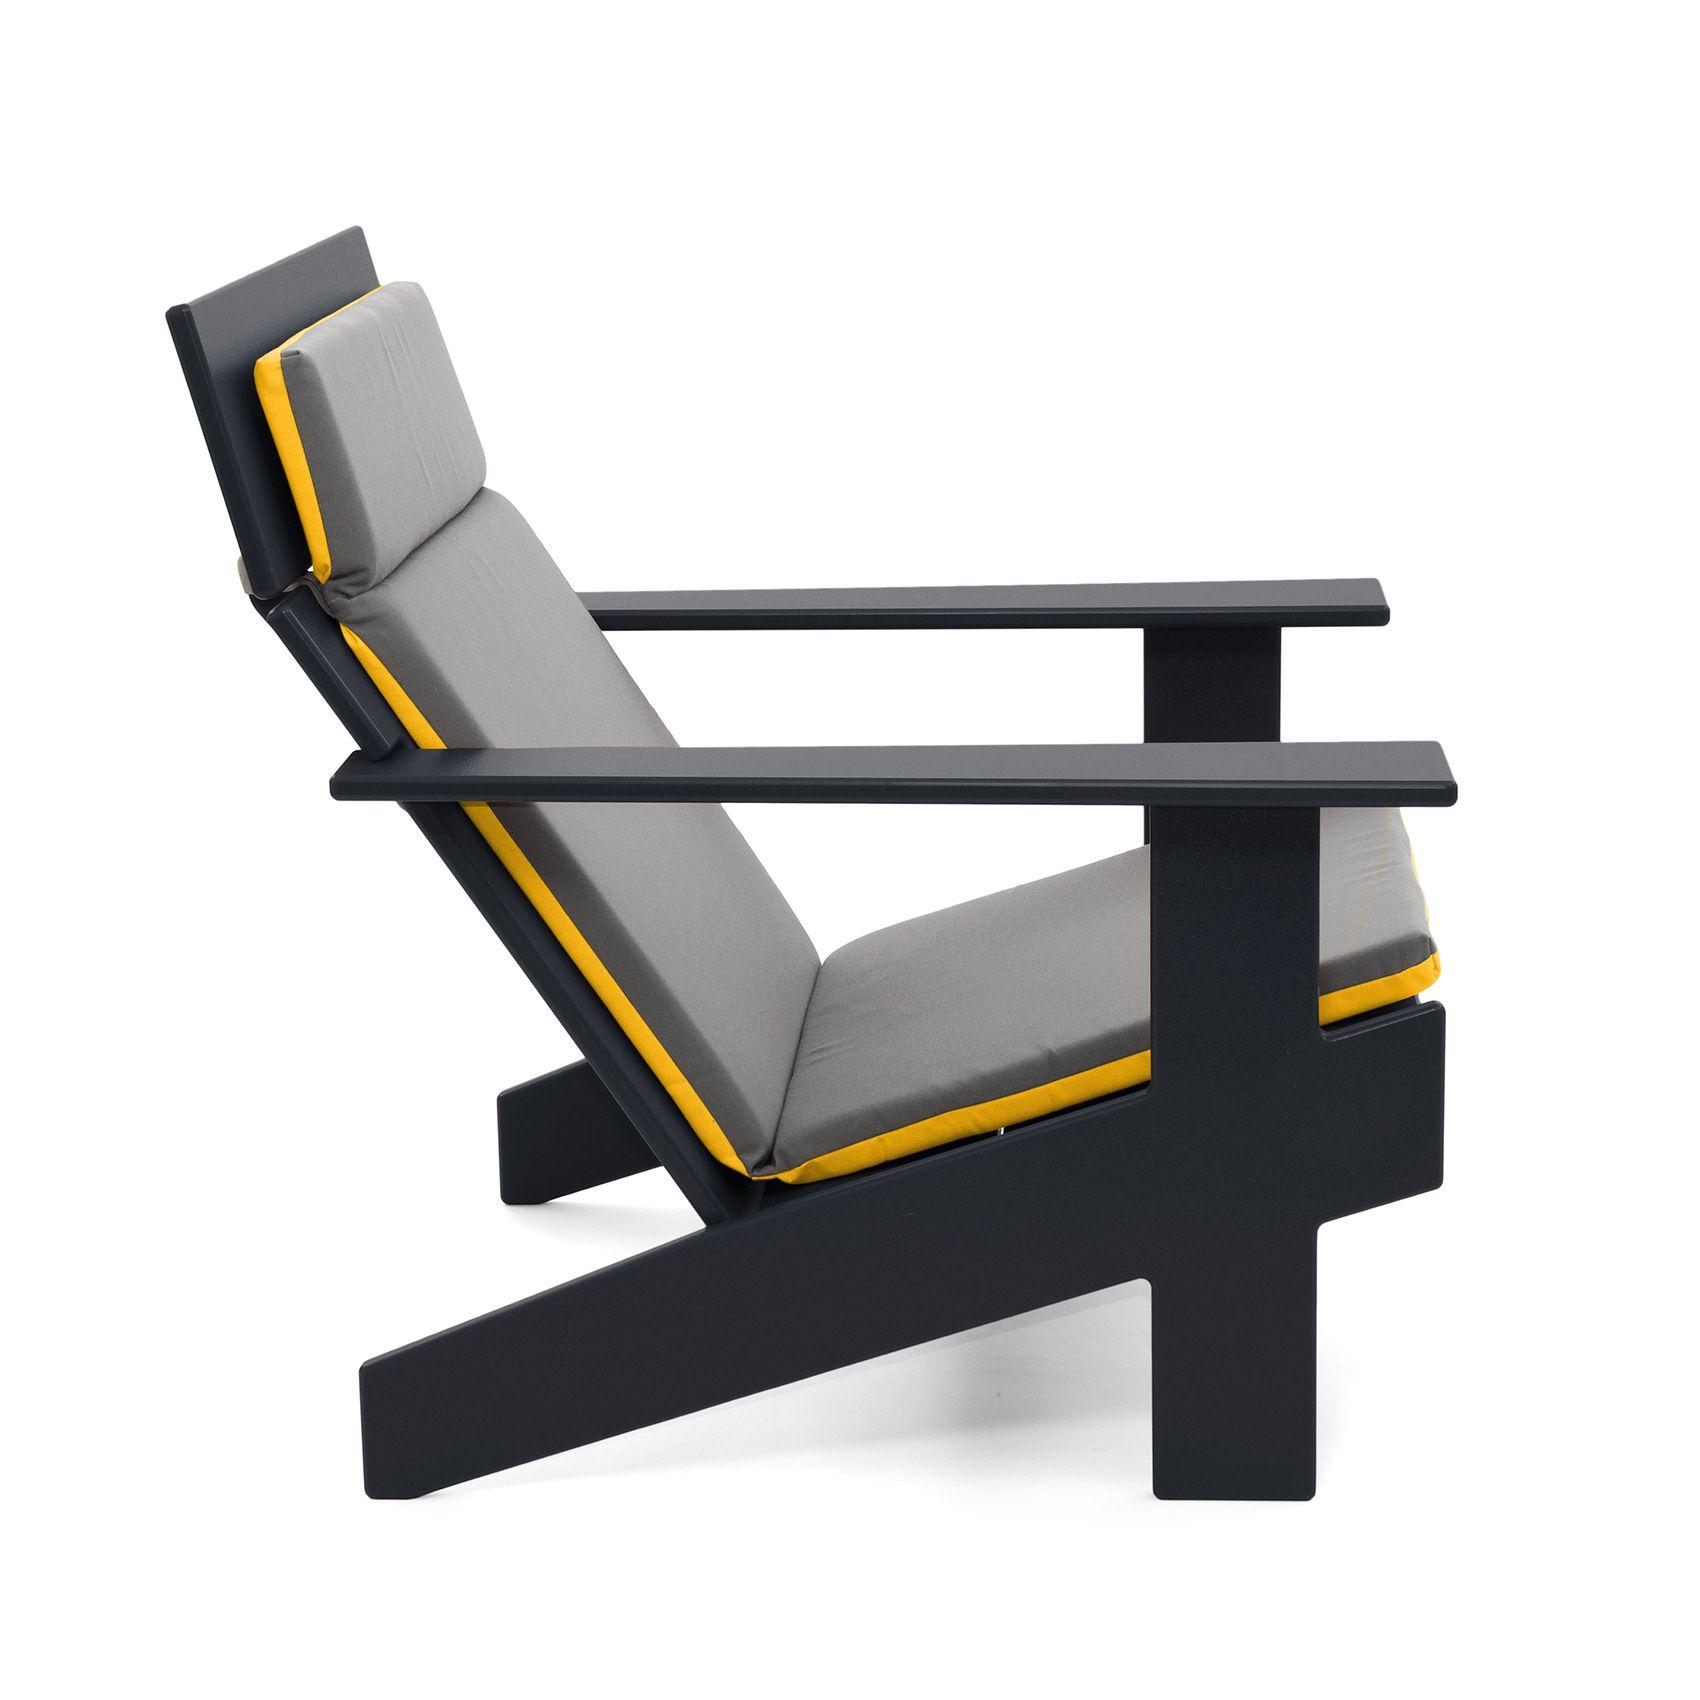 Lollygagger Cushion Loll Designs Patio Cushions Outdoor Lounge Chair Cushions